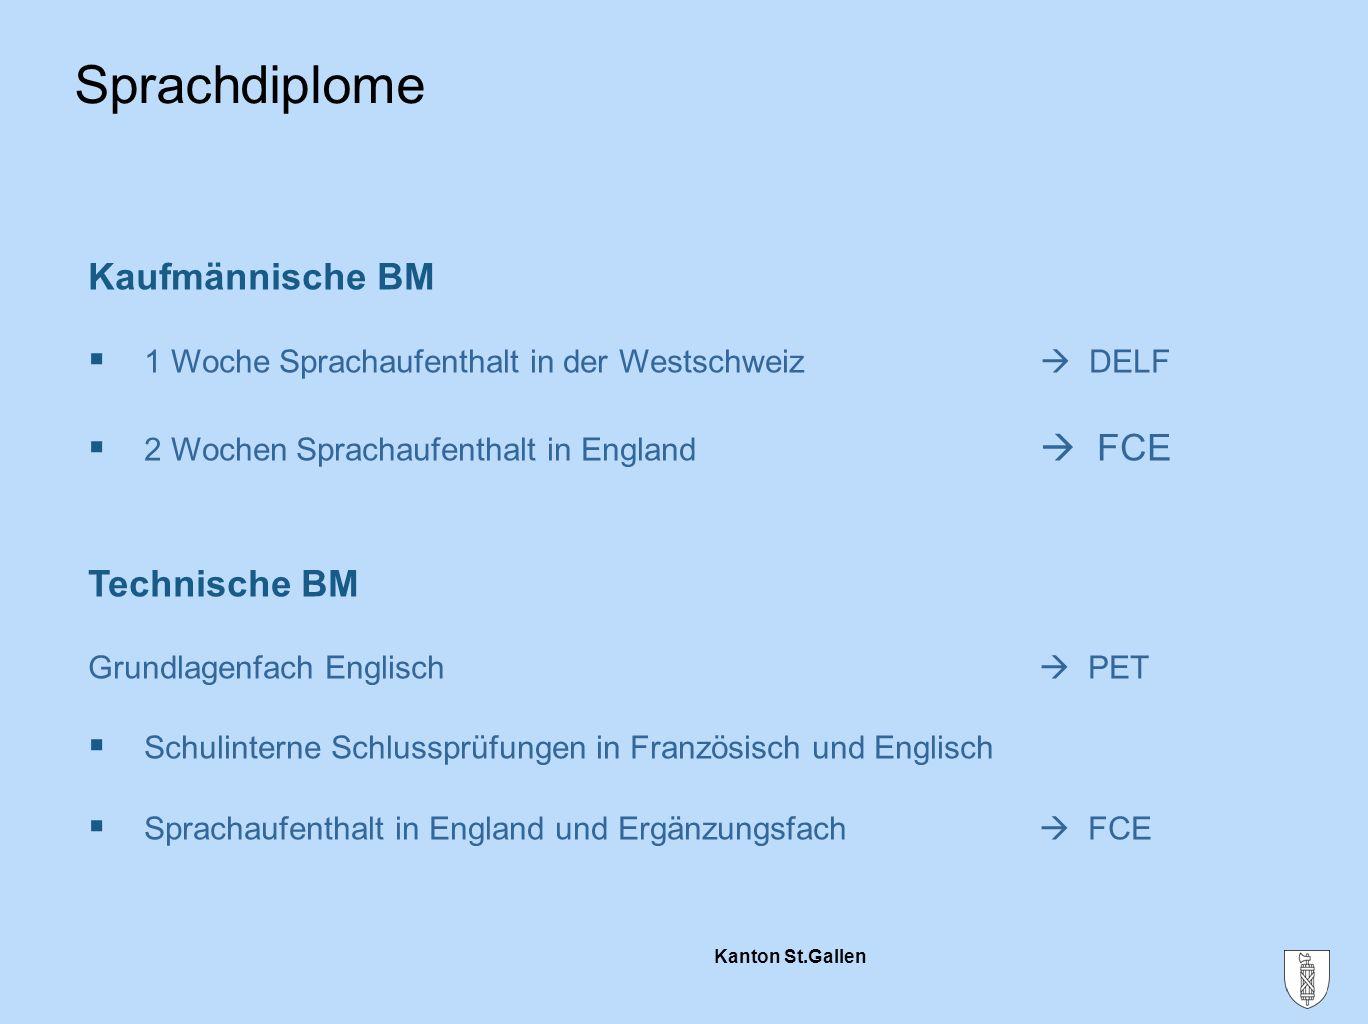 Kanton St.Gallen Sprachdiplome Kaufmännische BM  1 Woche Sprachaufenthalt in der Westschweiz  DELF  2 Wochen Sprachaufenthalt in England  FCE Tech